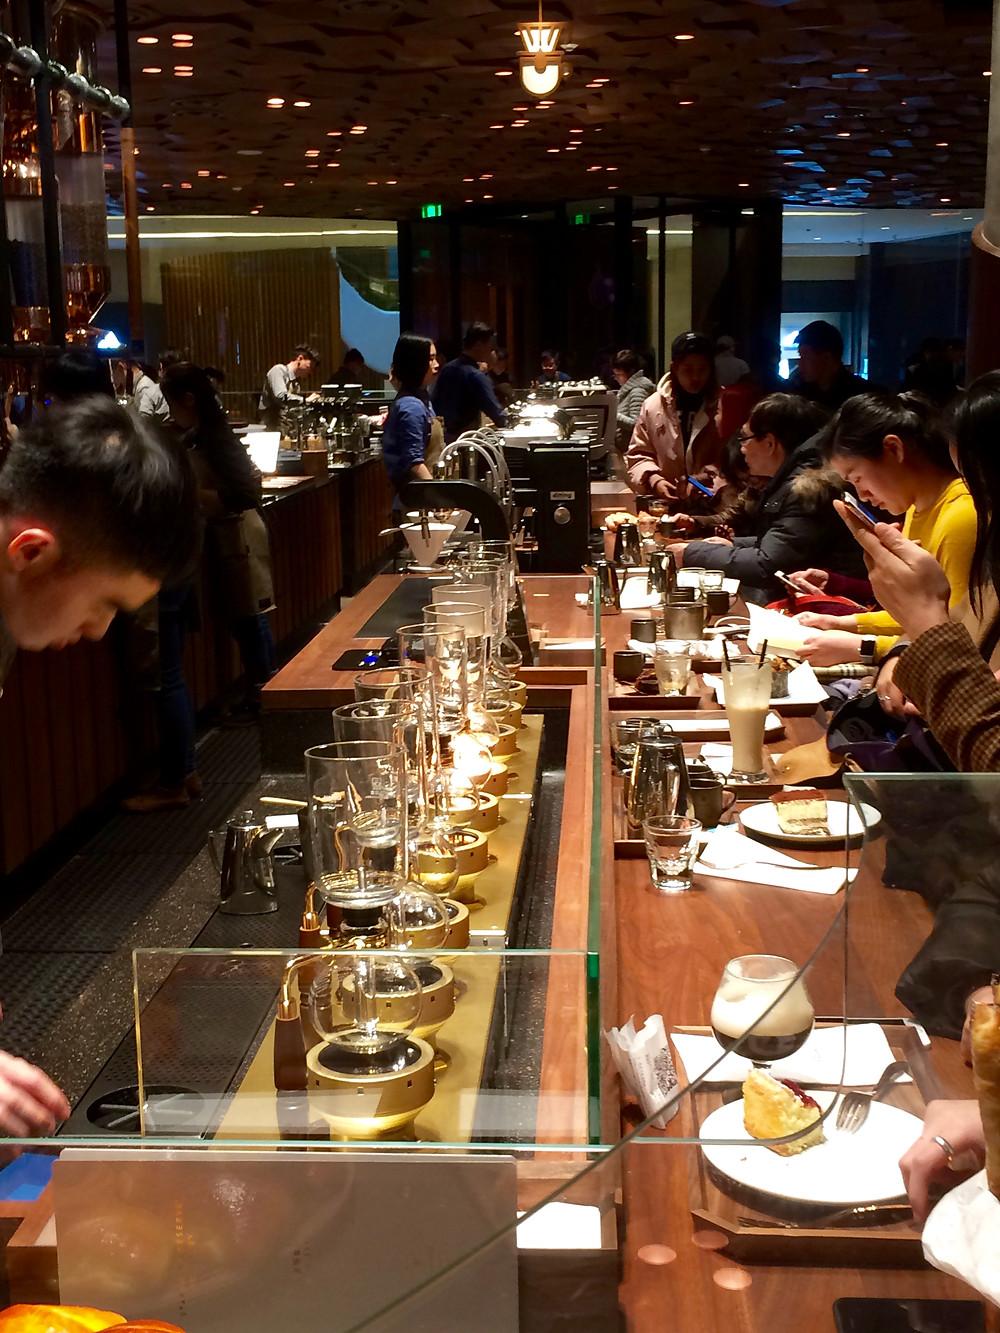 Starbucks Shanghai, the largest Starbucks in the world